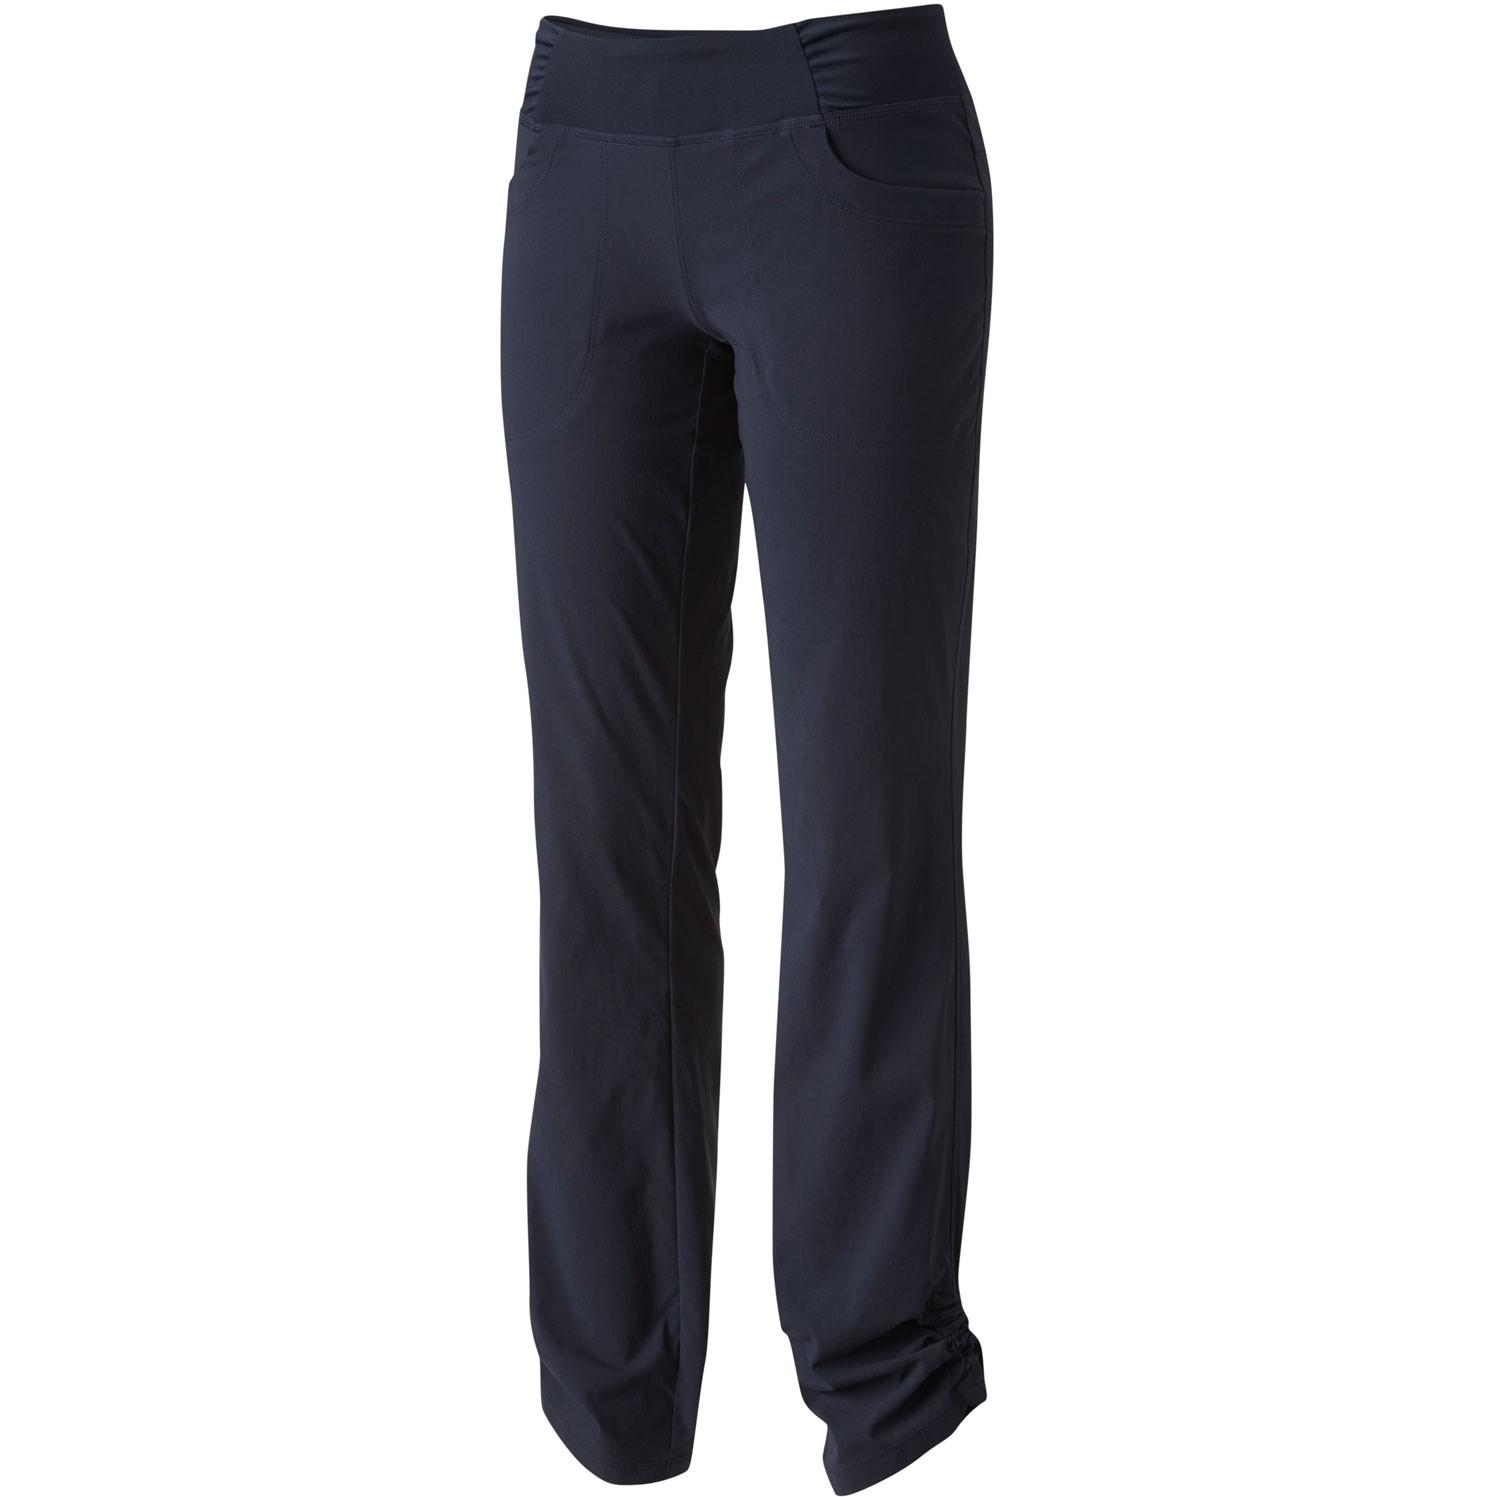 Mountain Hardwear Dynama Pants - Dark Zinc - front cinched ankle